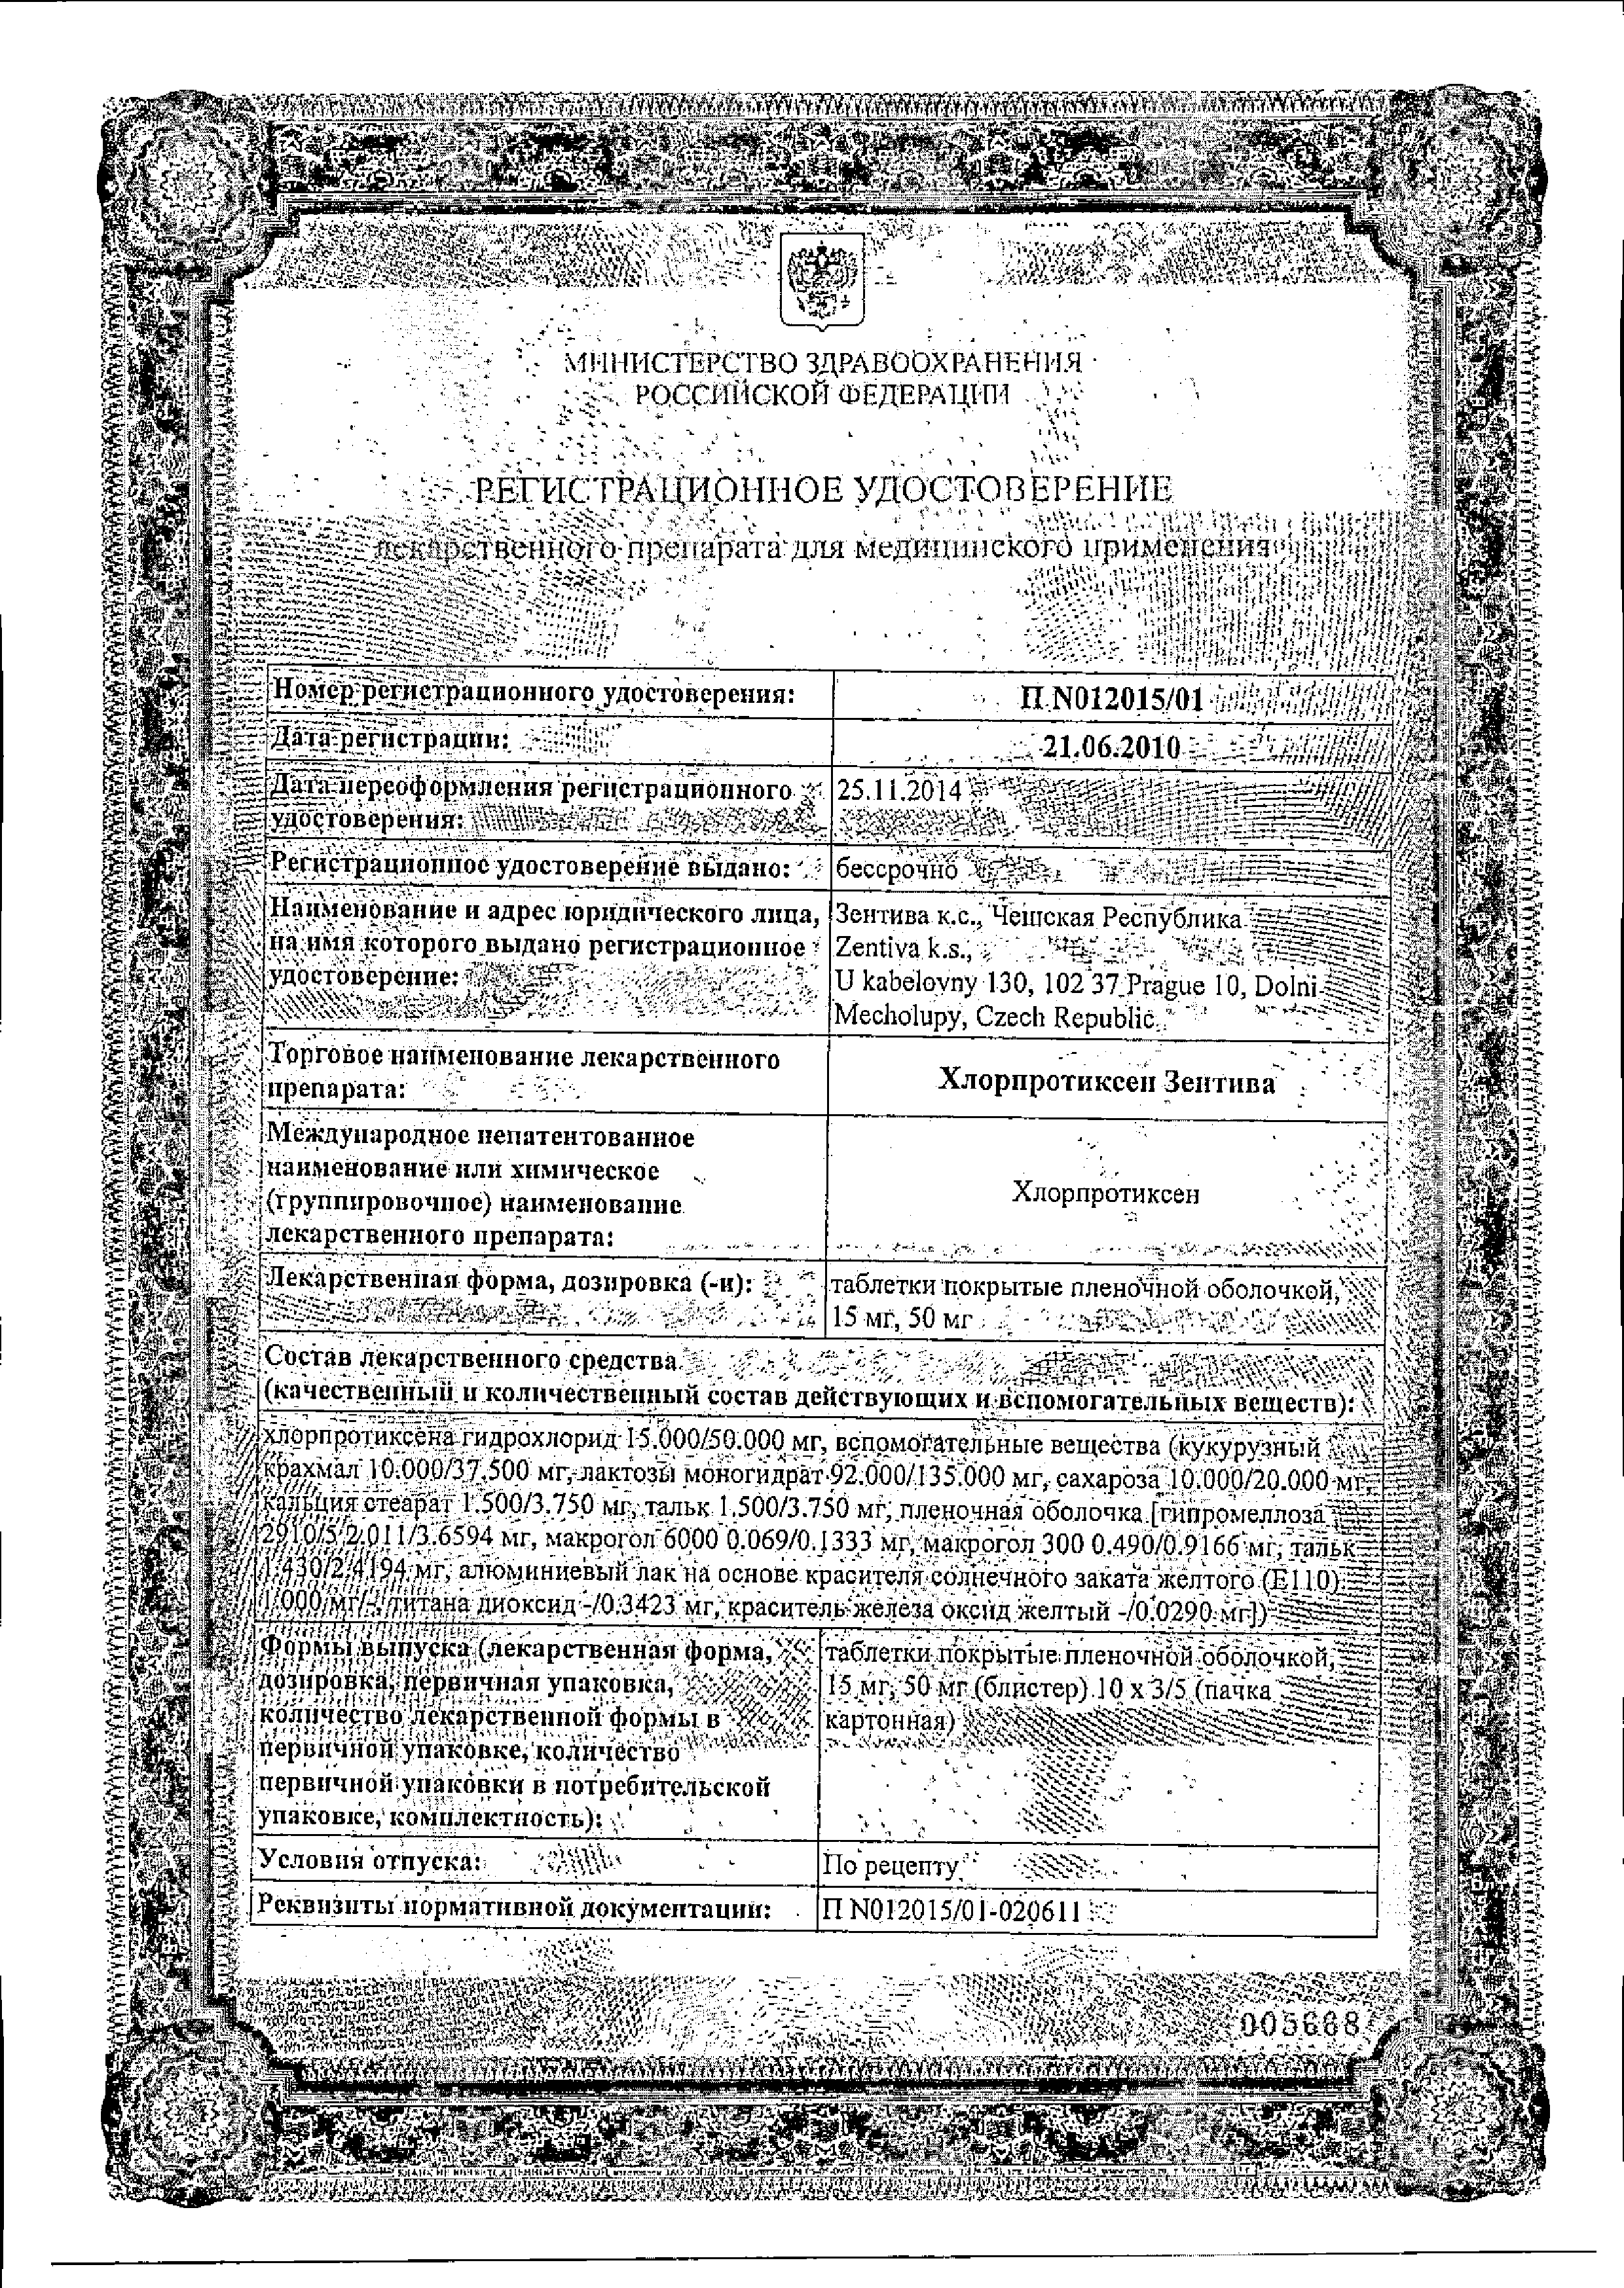 Хлорпротиксен Зентива сертификат